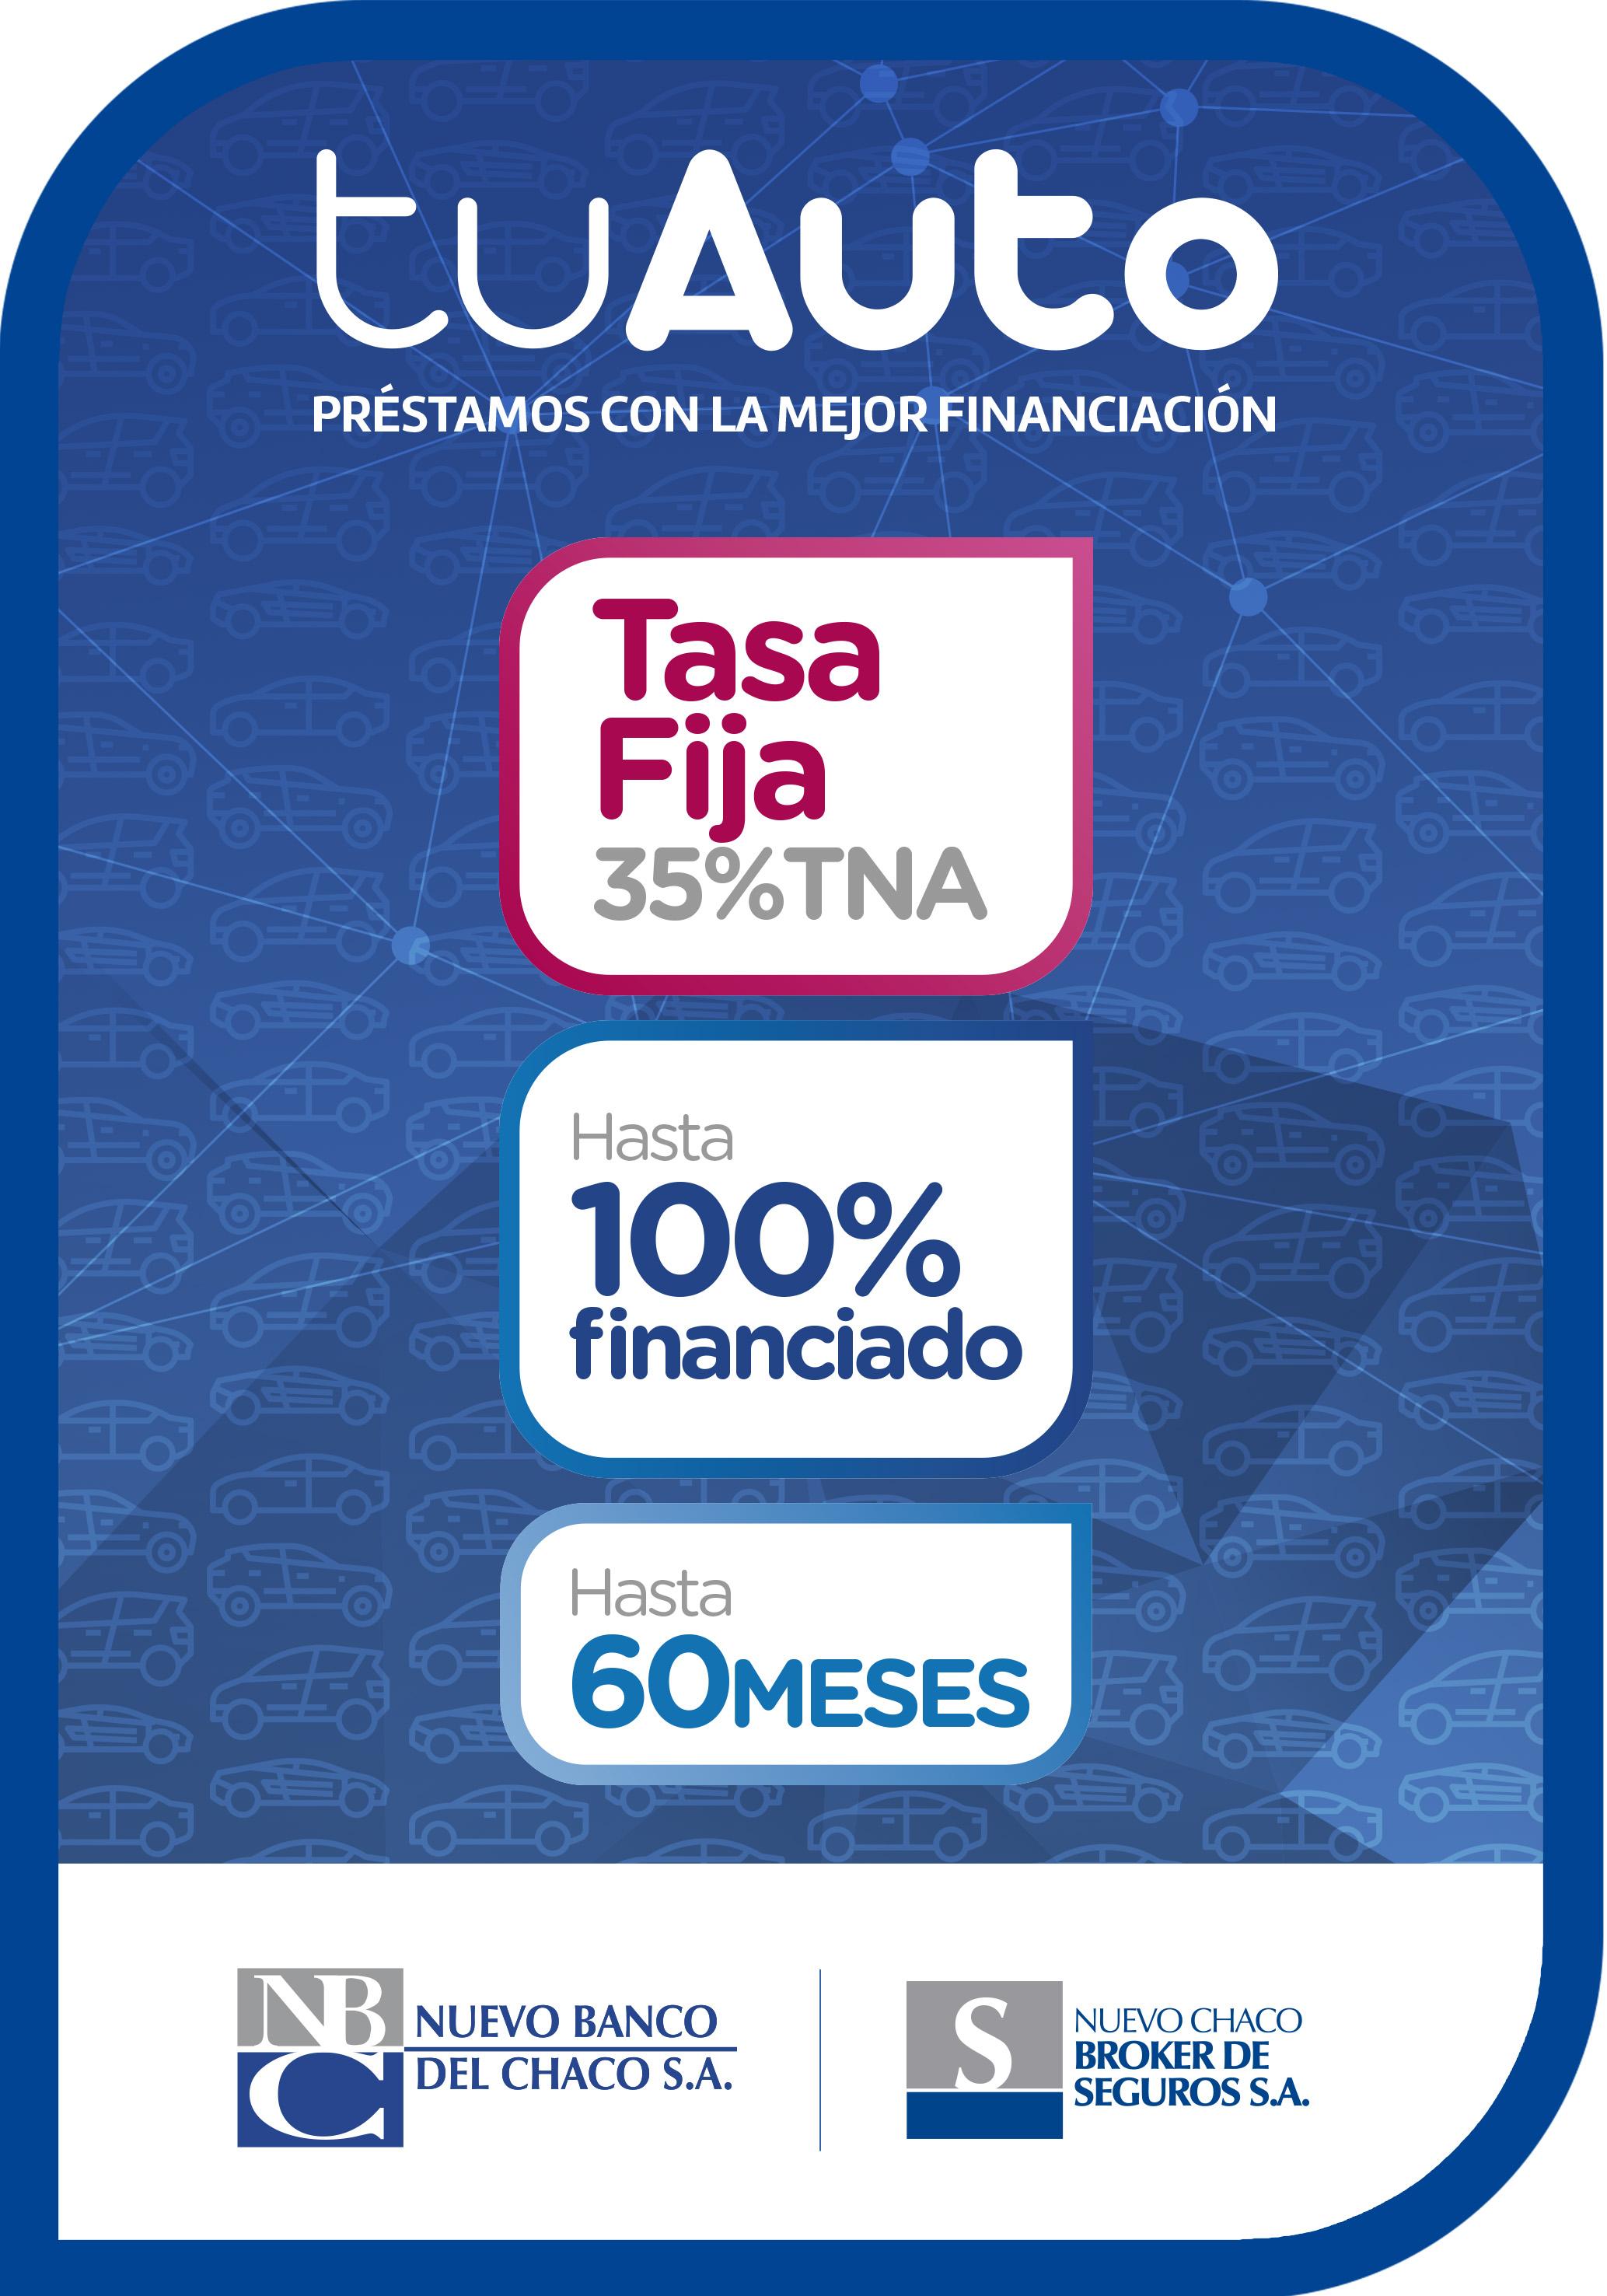 Con la línea Tu Auto, Nuevo Banco del Chaco permite financiar vehículos usados con tasa fija y en hasta 60 meses